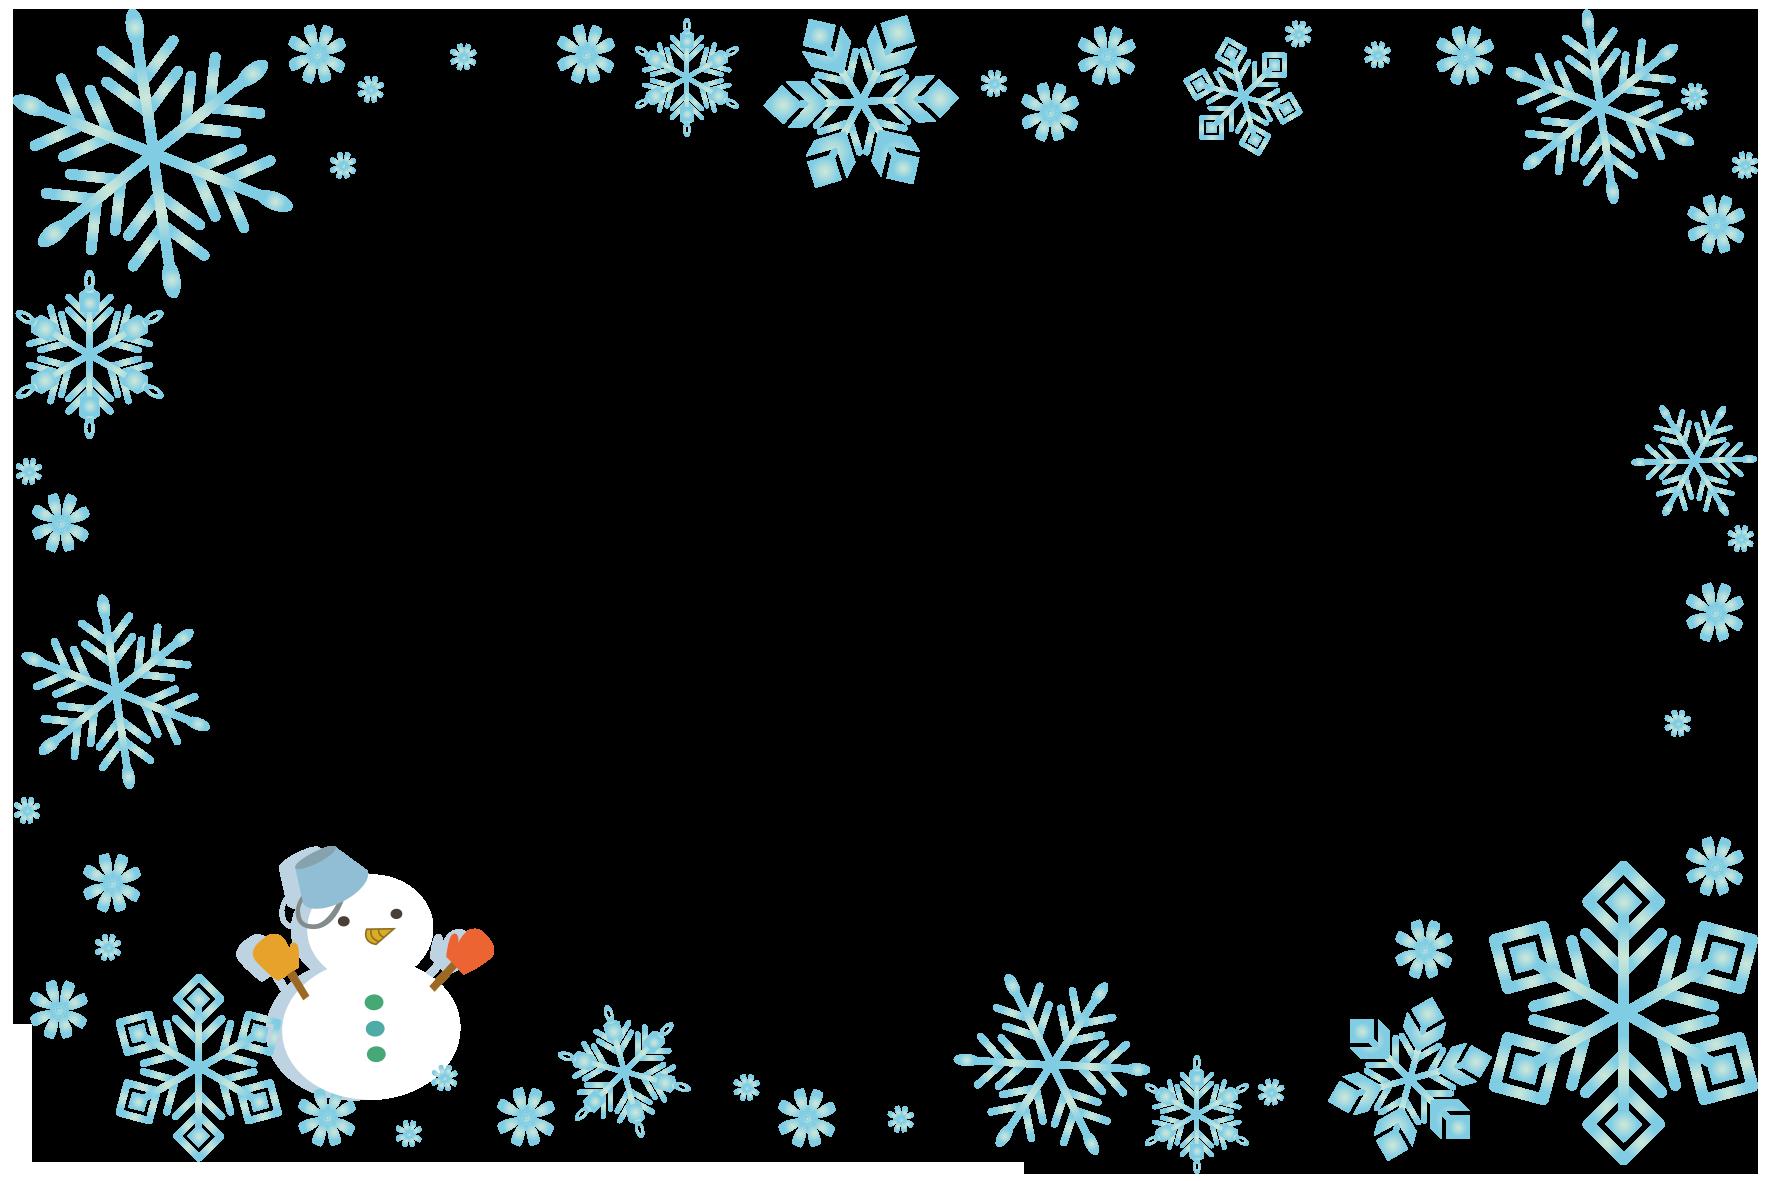 雪の結晶のイラスト一覧 無料イラスト愛